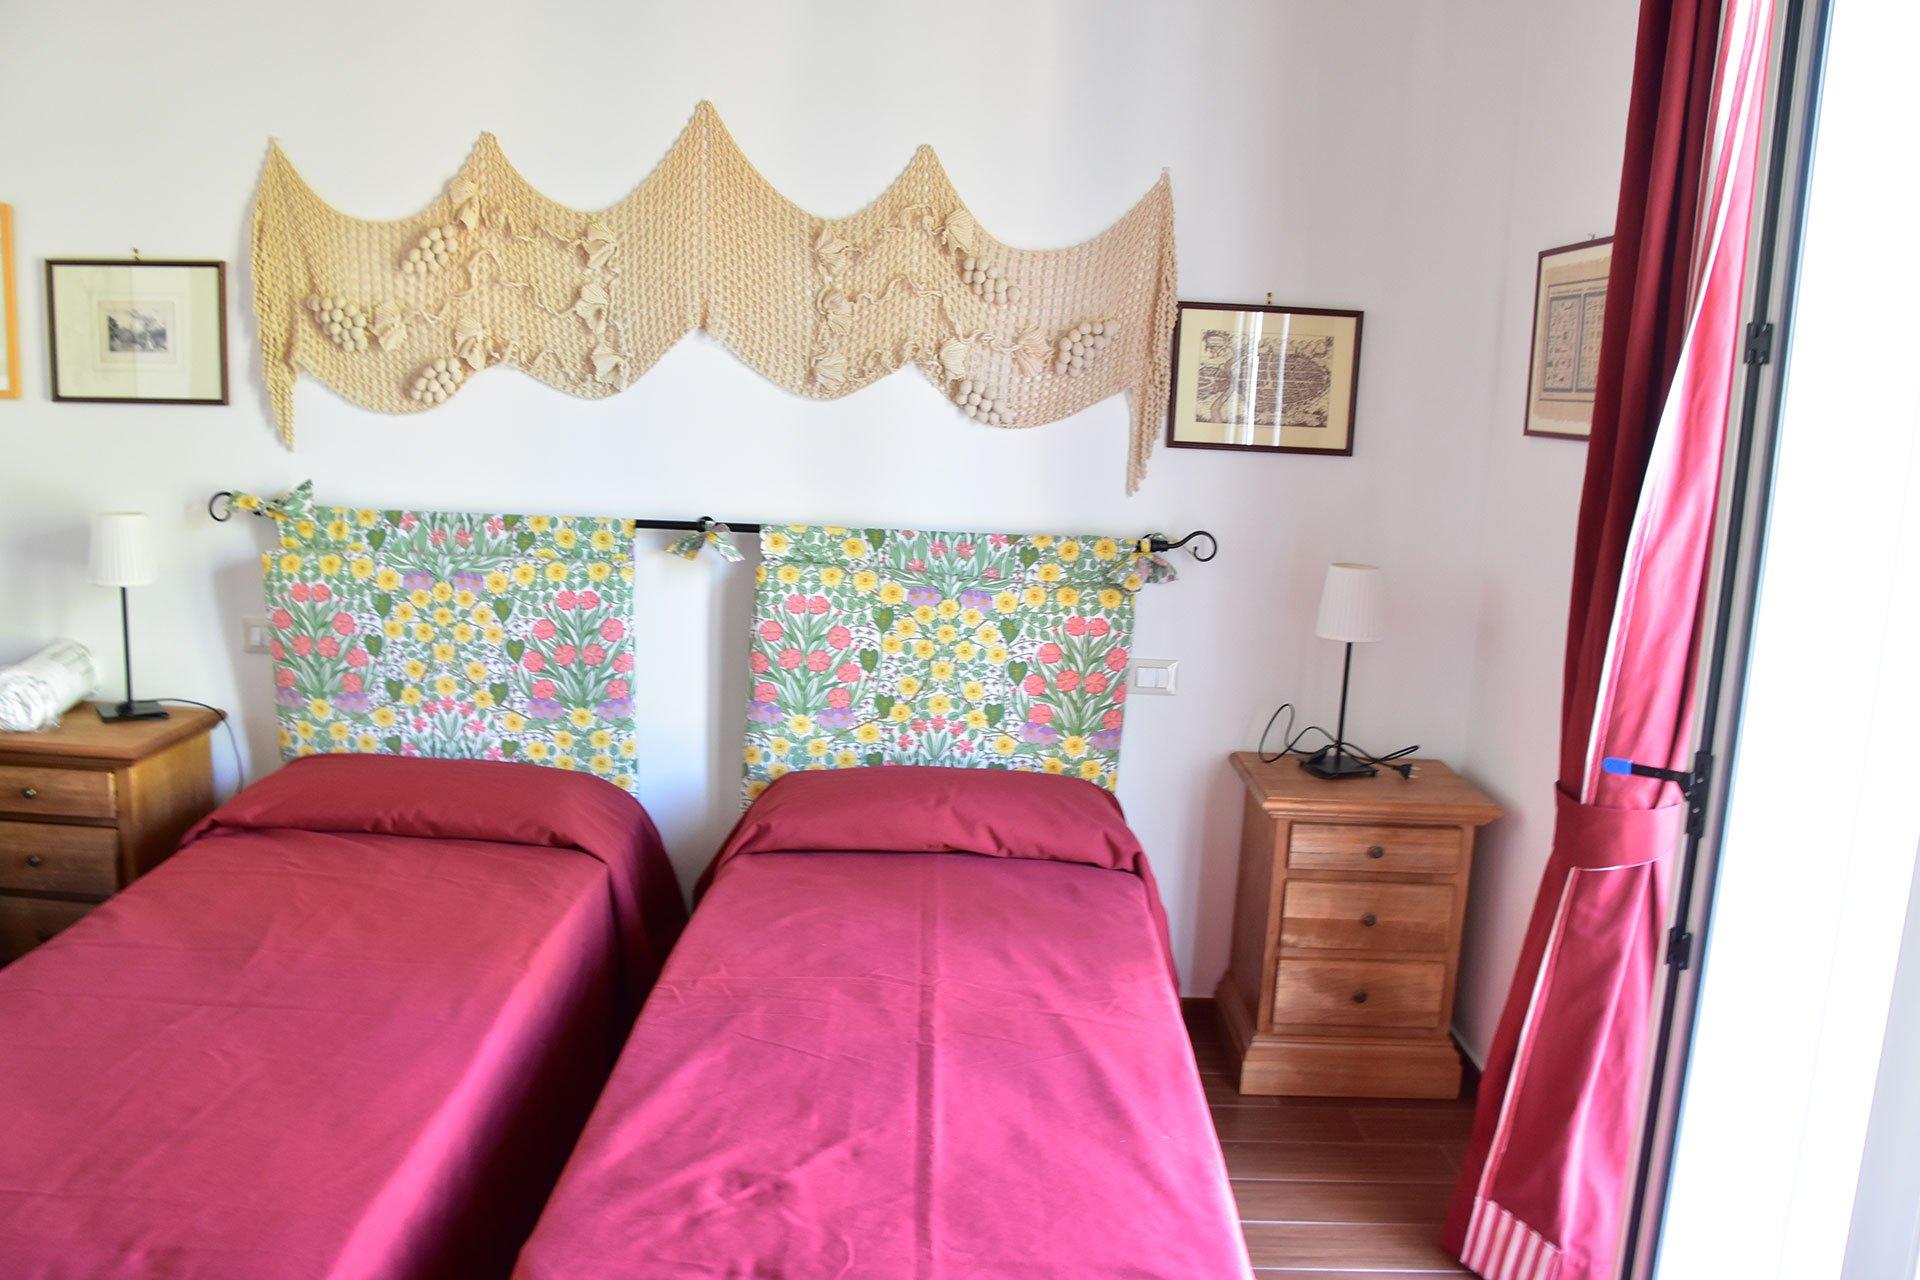 Camera da letto con letti gemelli